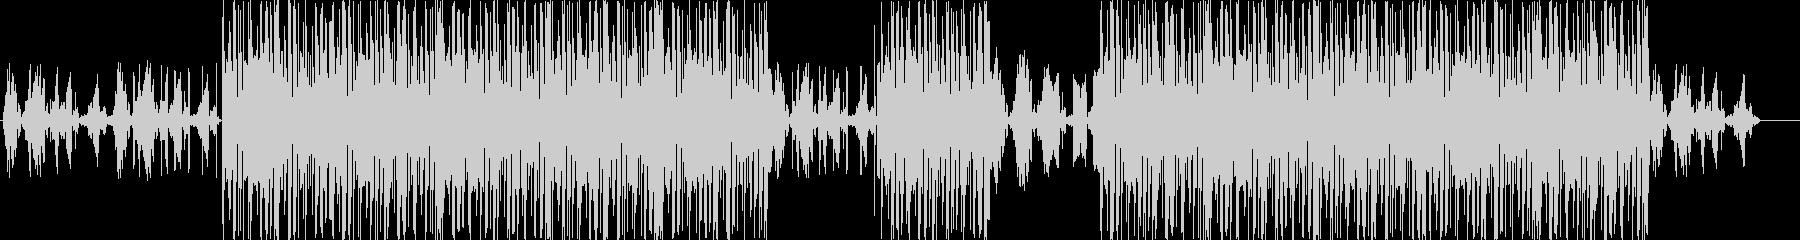 洋楽、ヒップホップ、トラップサウンド♪の未再生の波形